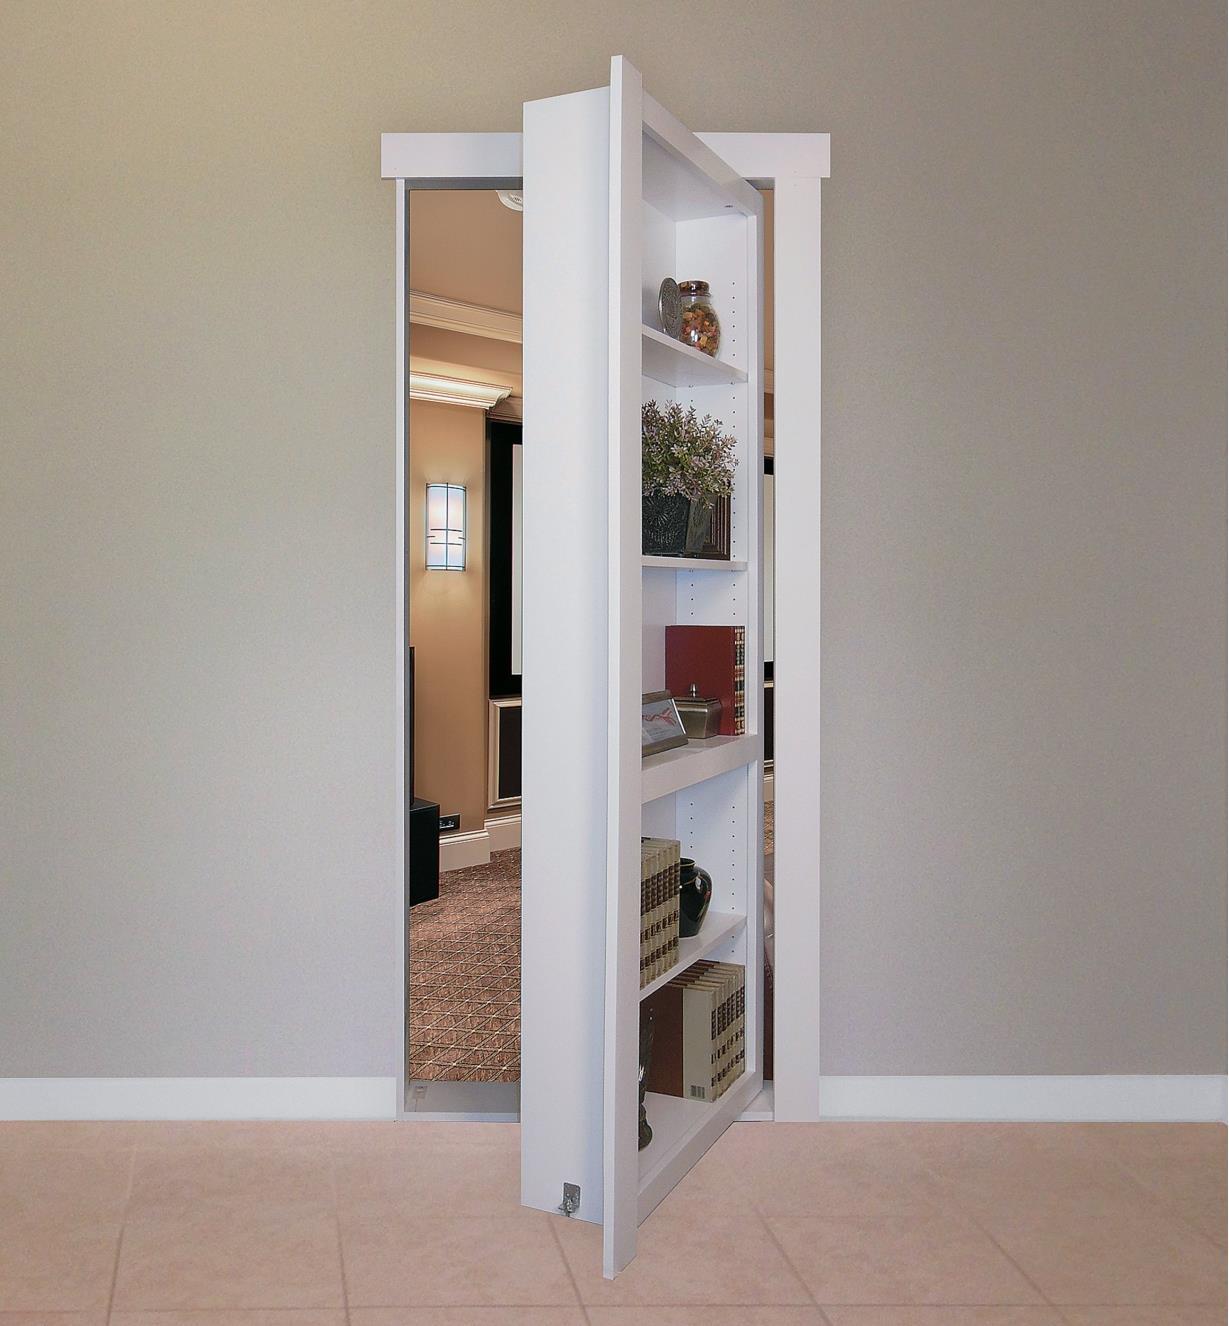 Example of completed bookcase with hidden door open